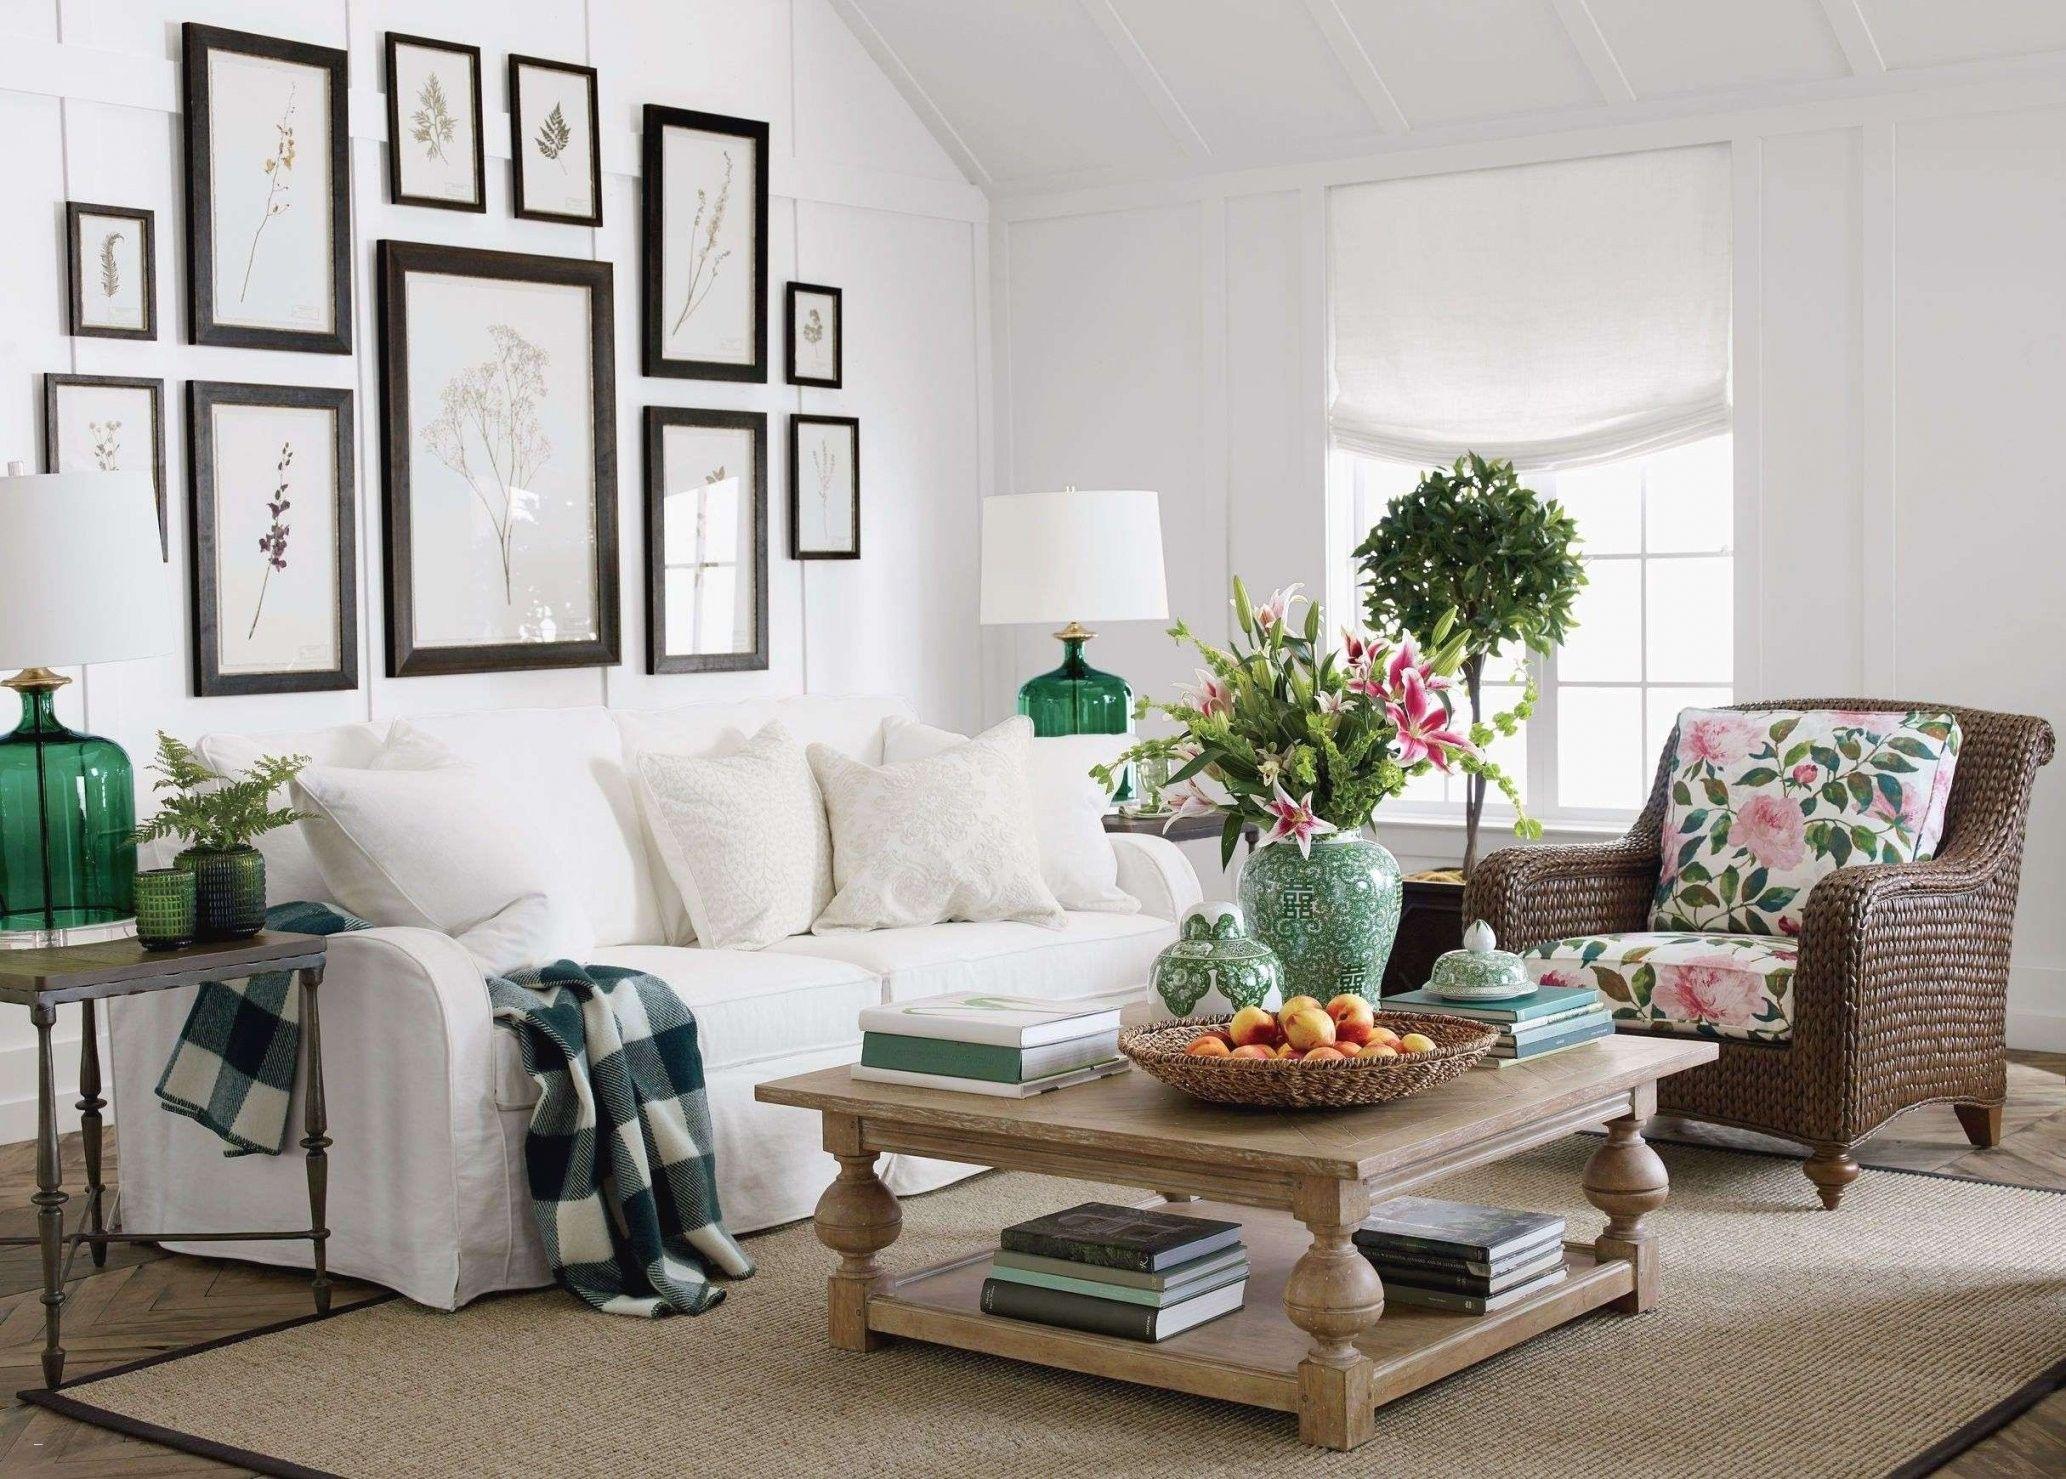 7 Billig Bilder Von Wohnzimmer Ideen Klassisch  Wohnzimmer